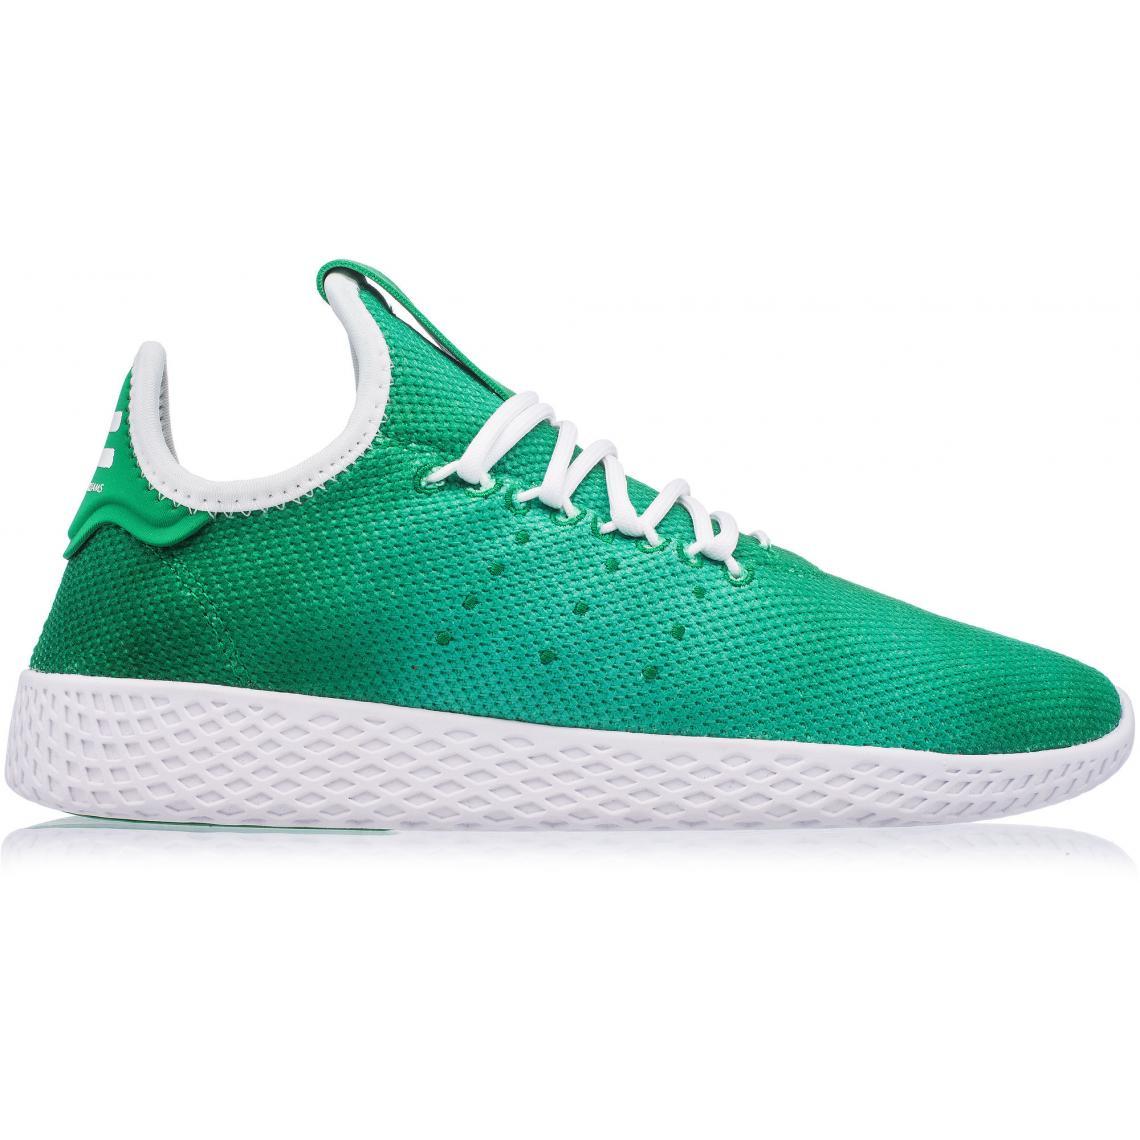 Baskets pw hu holi tennis hu vert Adidas Originals Les